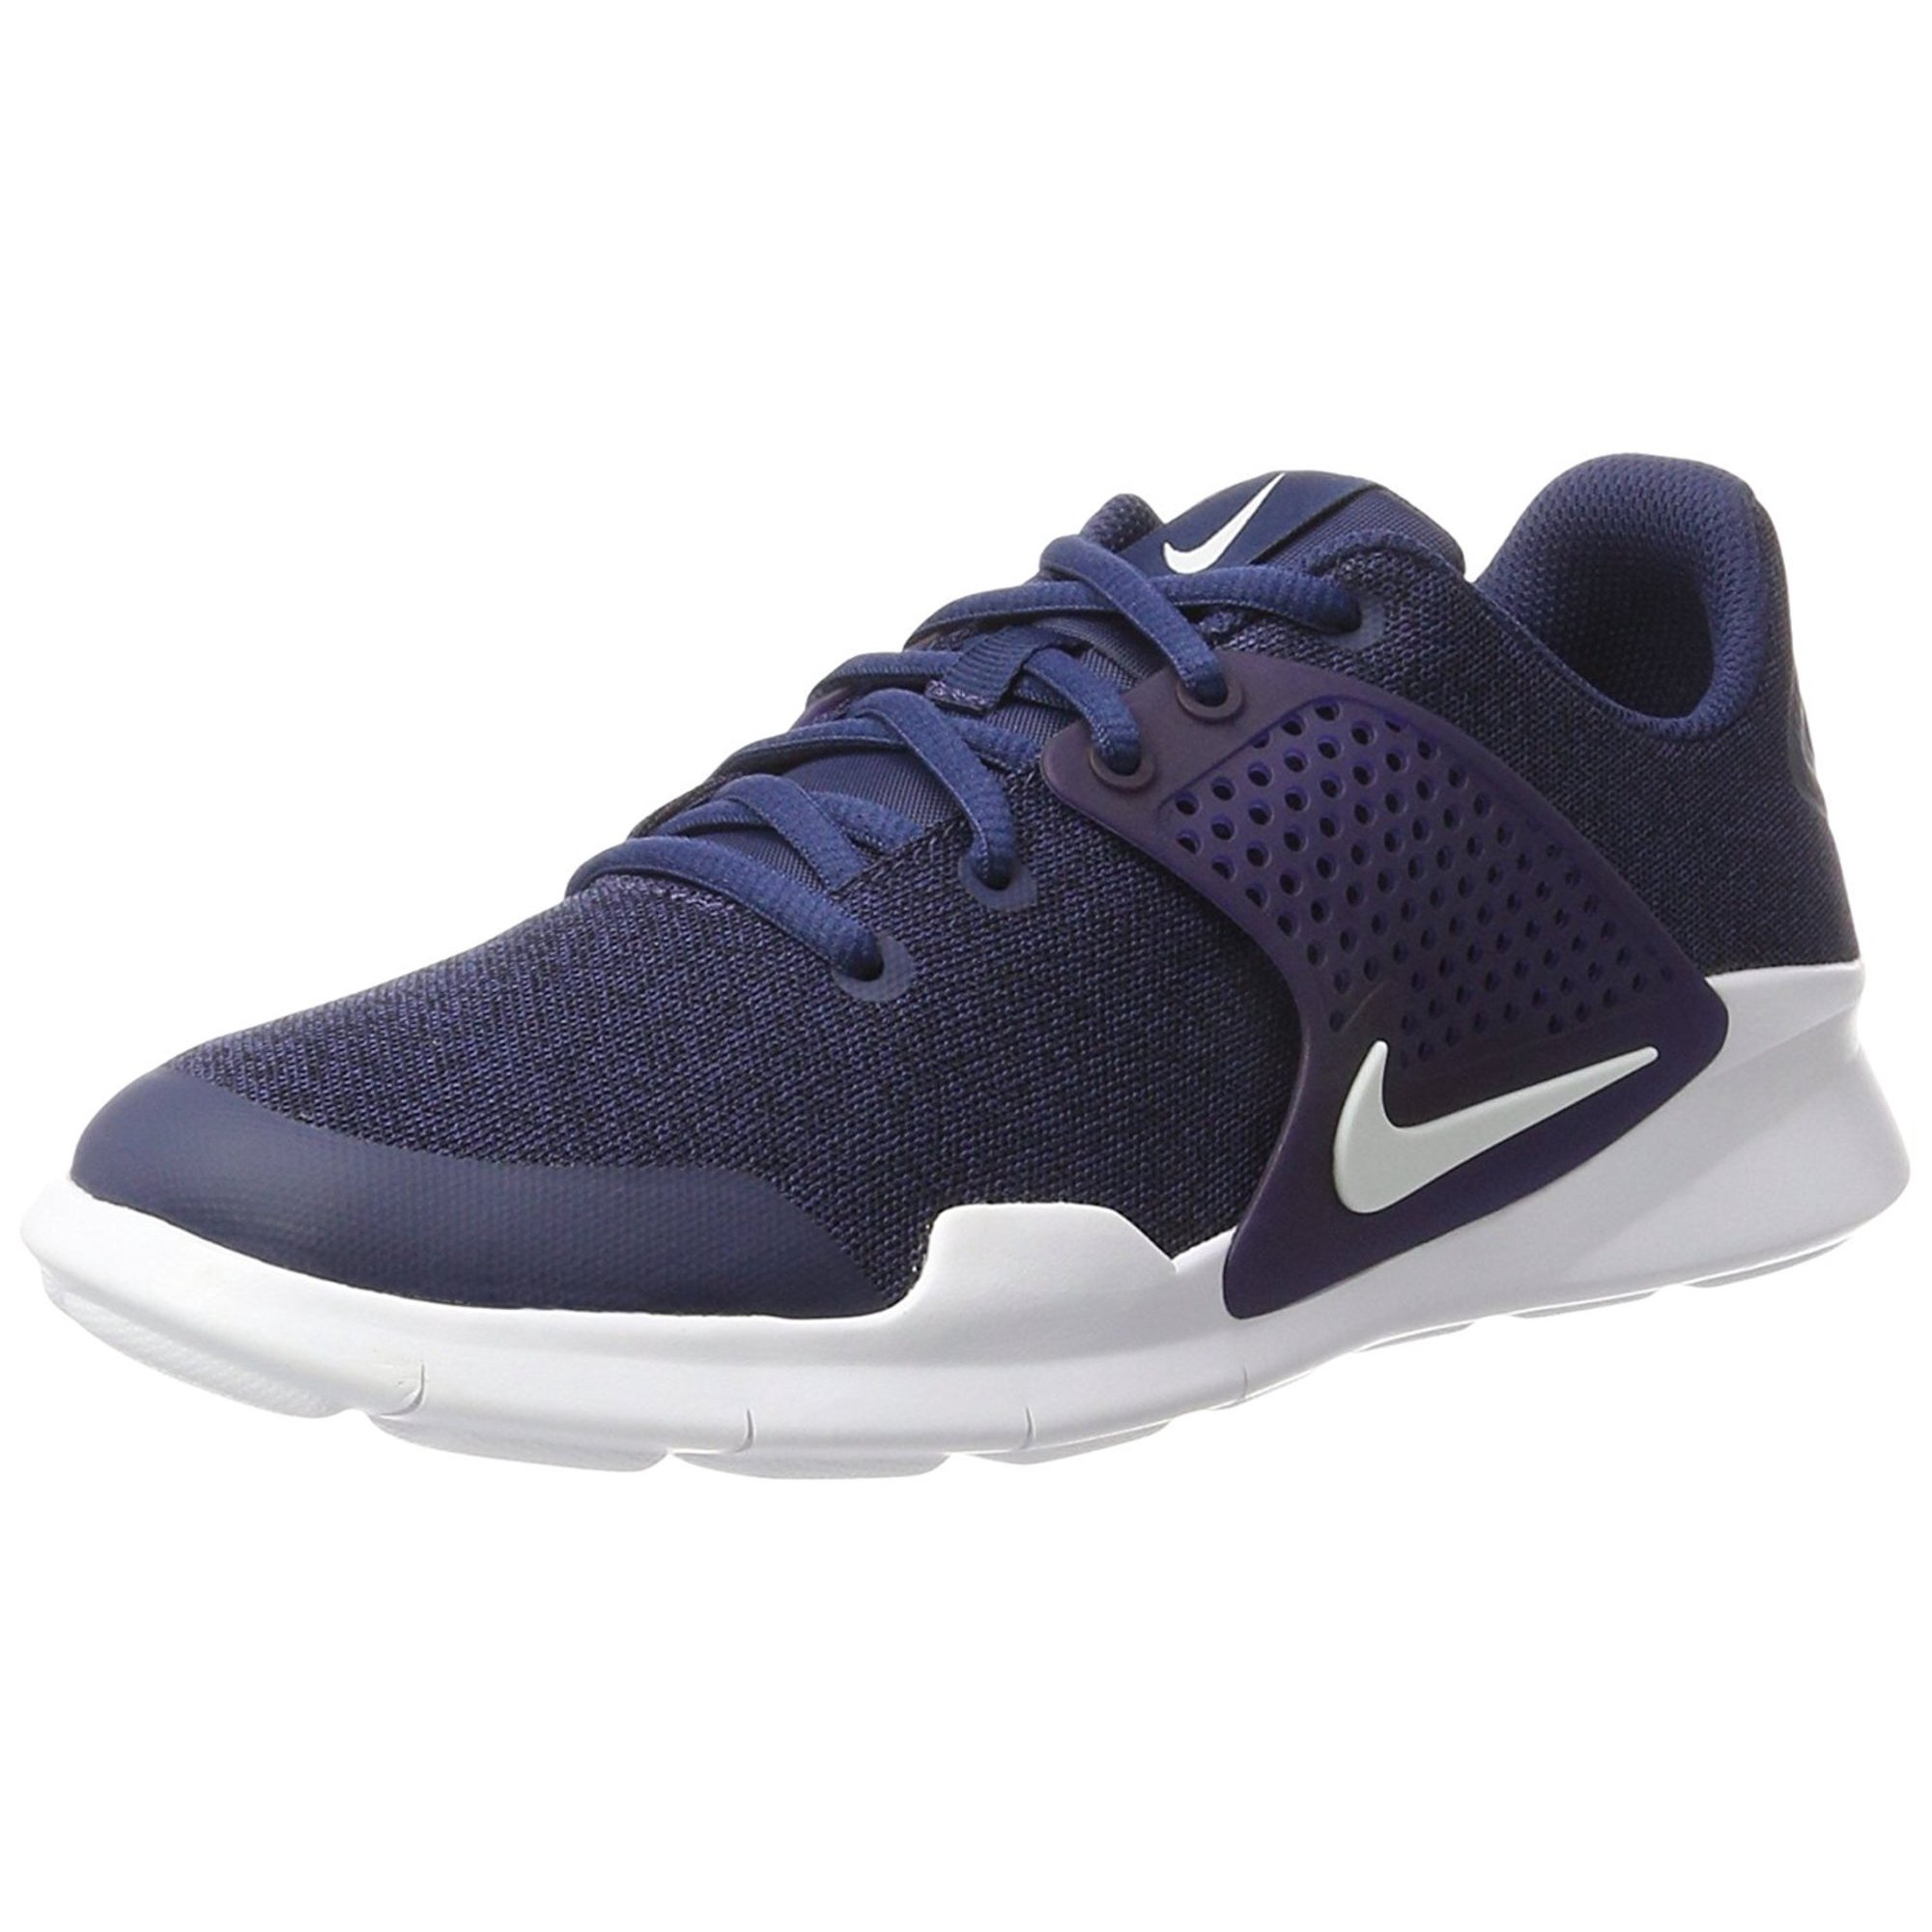 800d15dd3f95a NIKE Men s Arrowz Sneaker